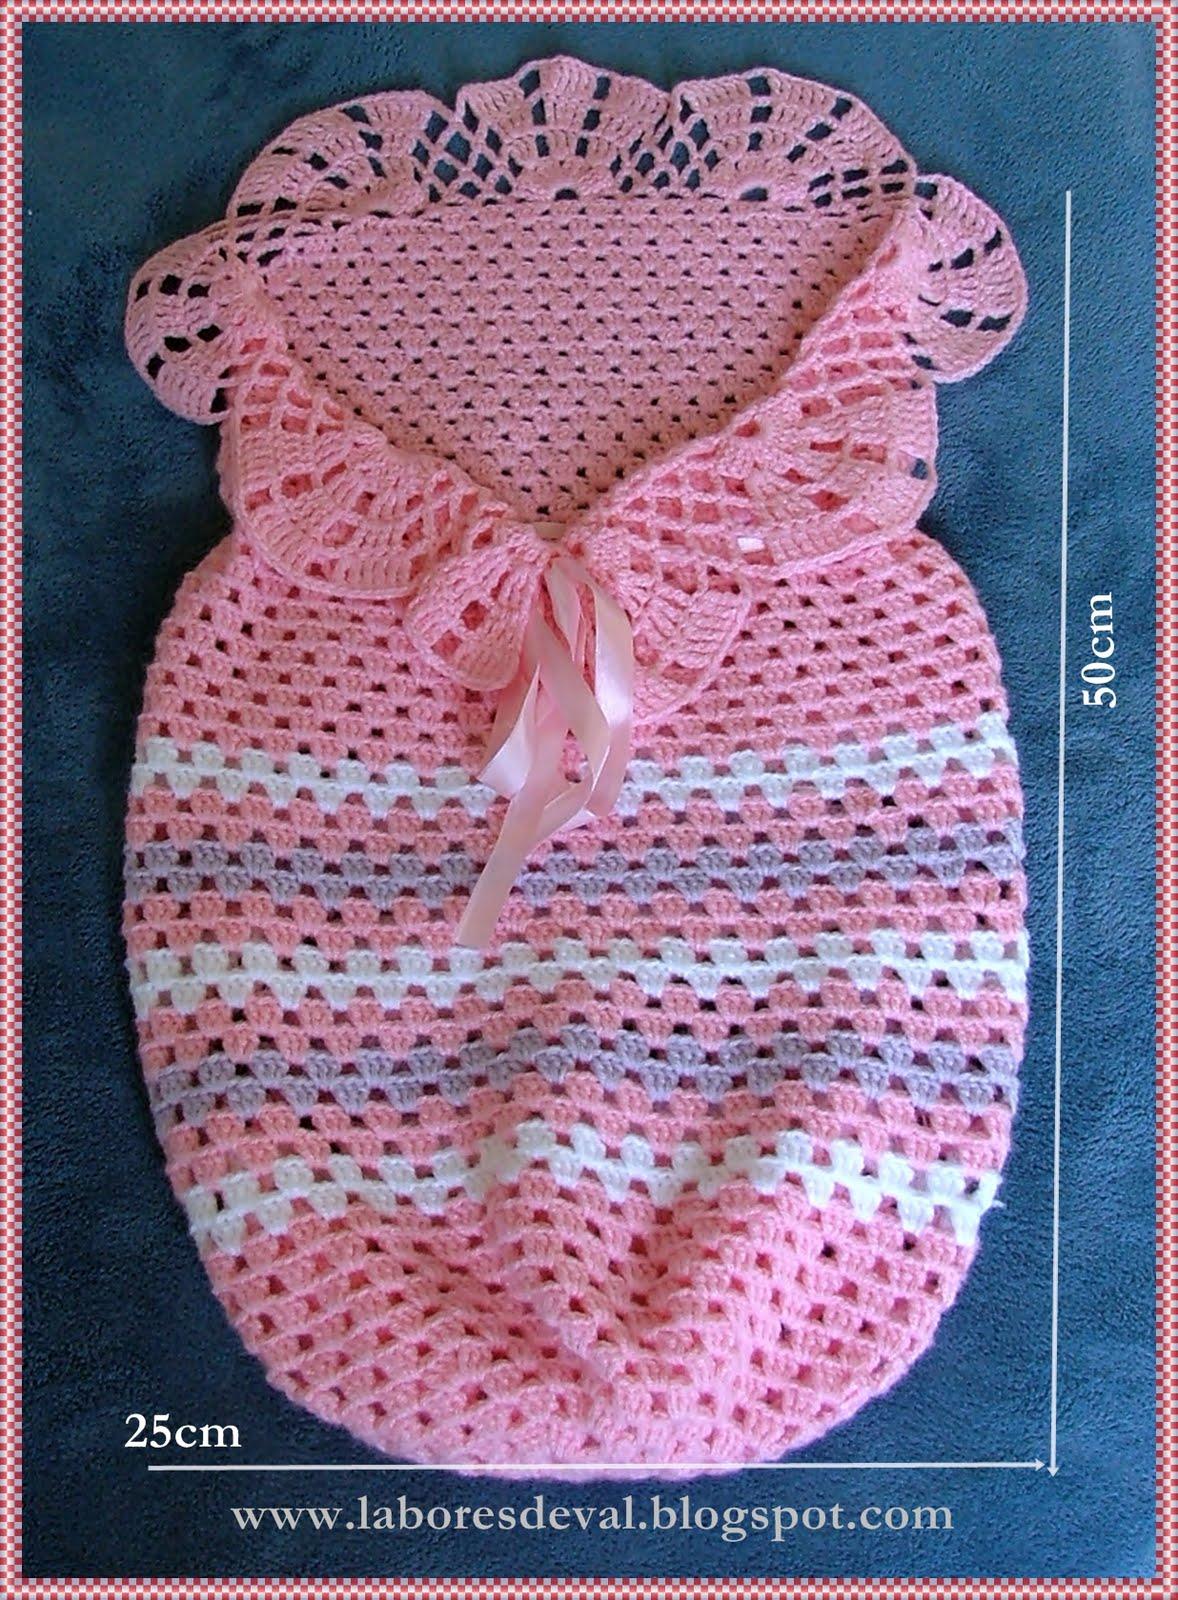 Labores de val casulo para beb - Labores de crochet para bebes ...